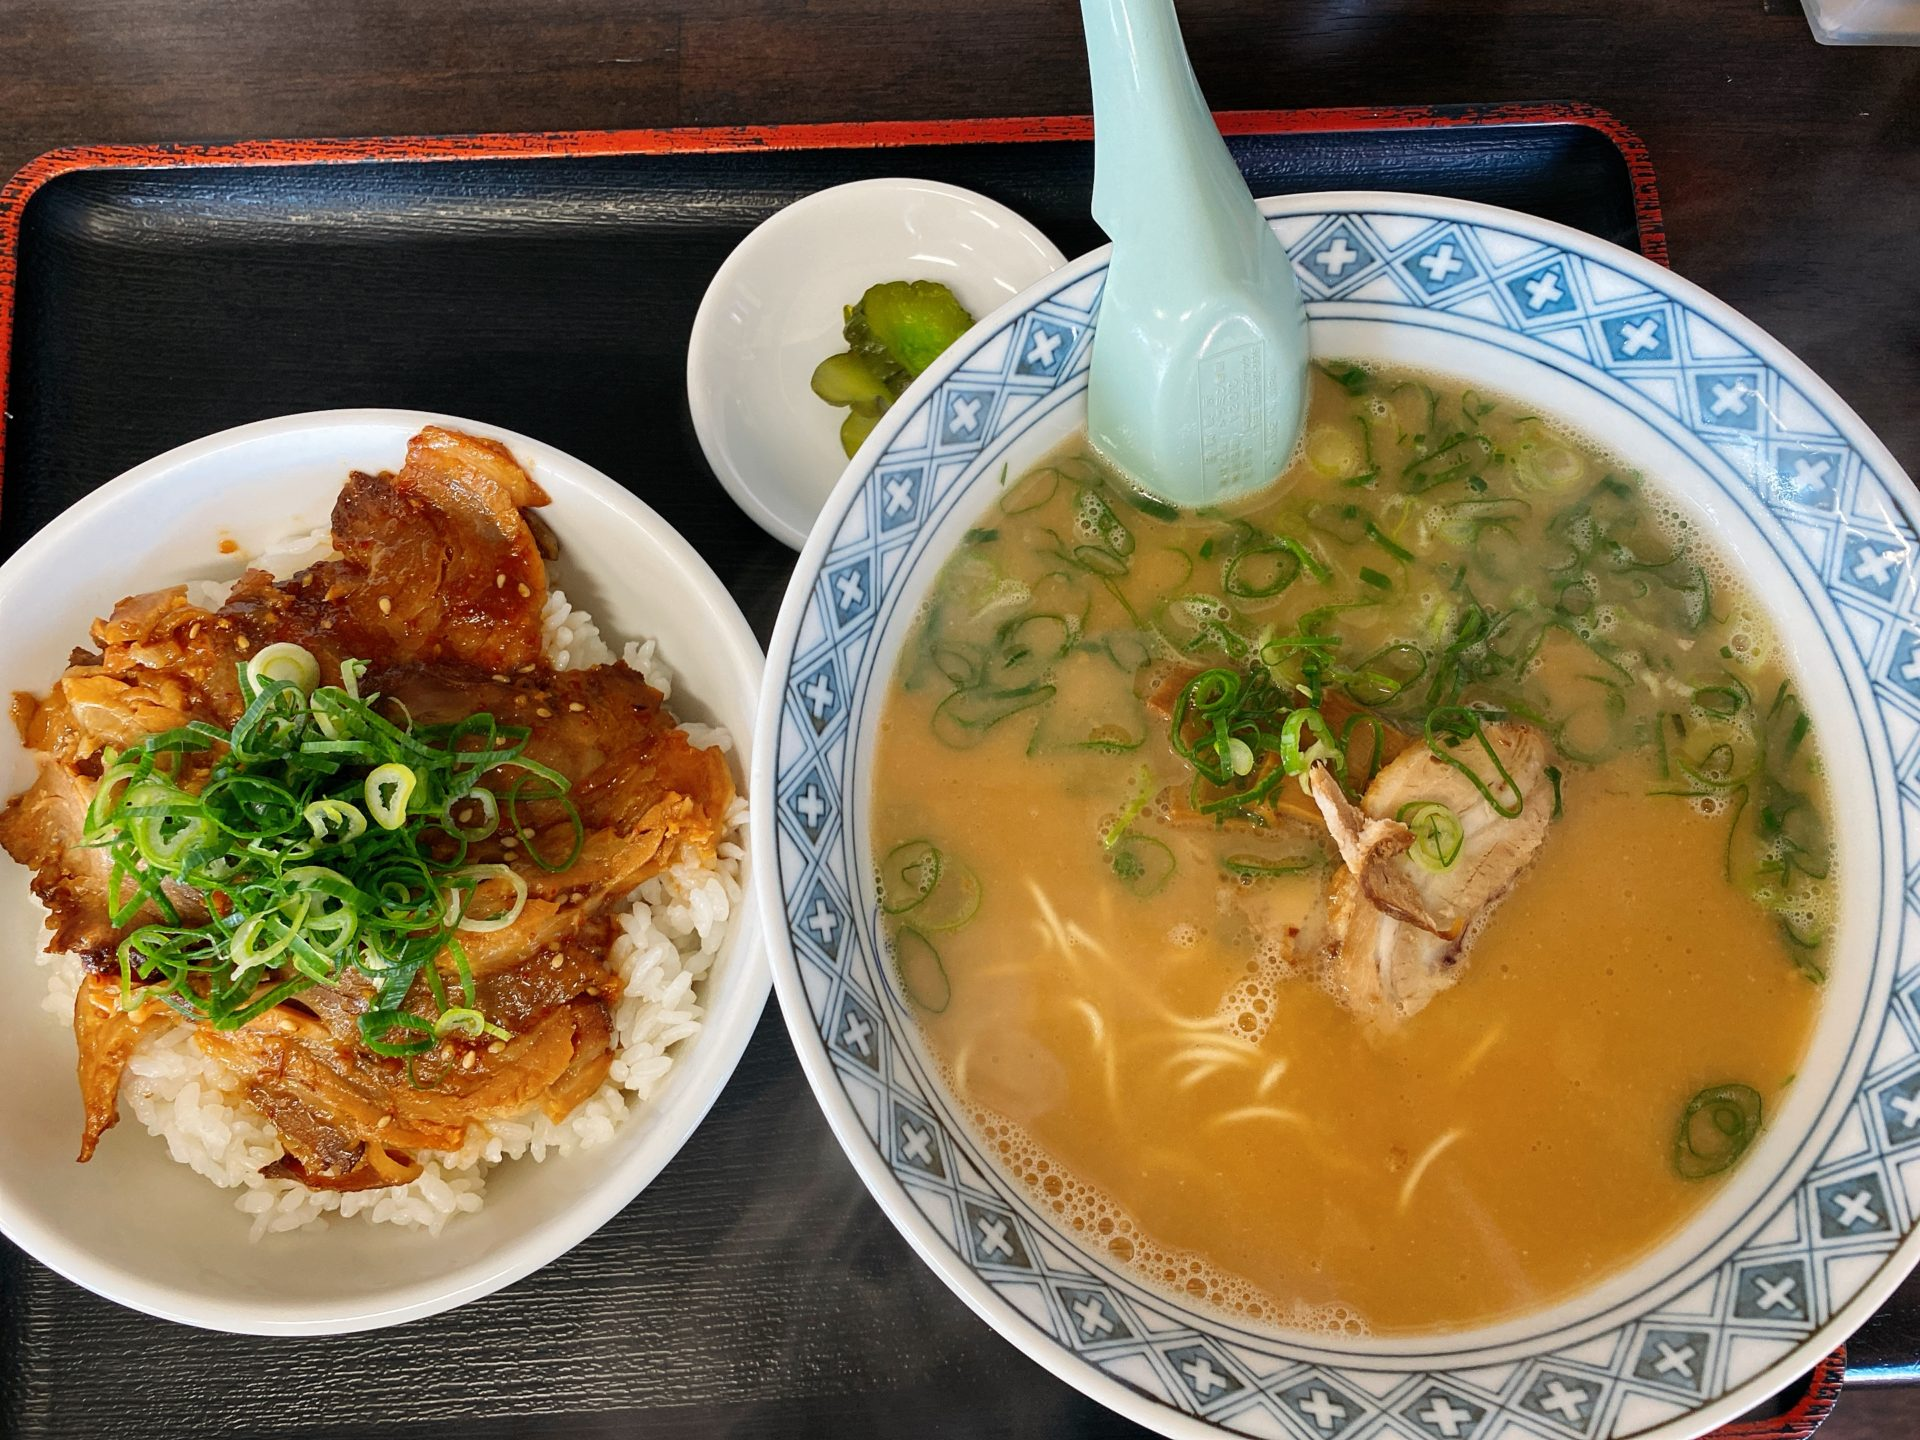 長船駅から車で3分 中華そば マルバン邑久店は、鶏ガラと豚骨の2種類のスープ!そしてセットメニューの丼はボリューミー!